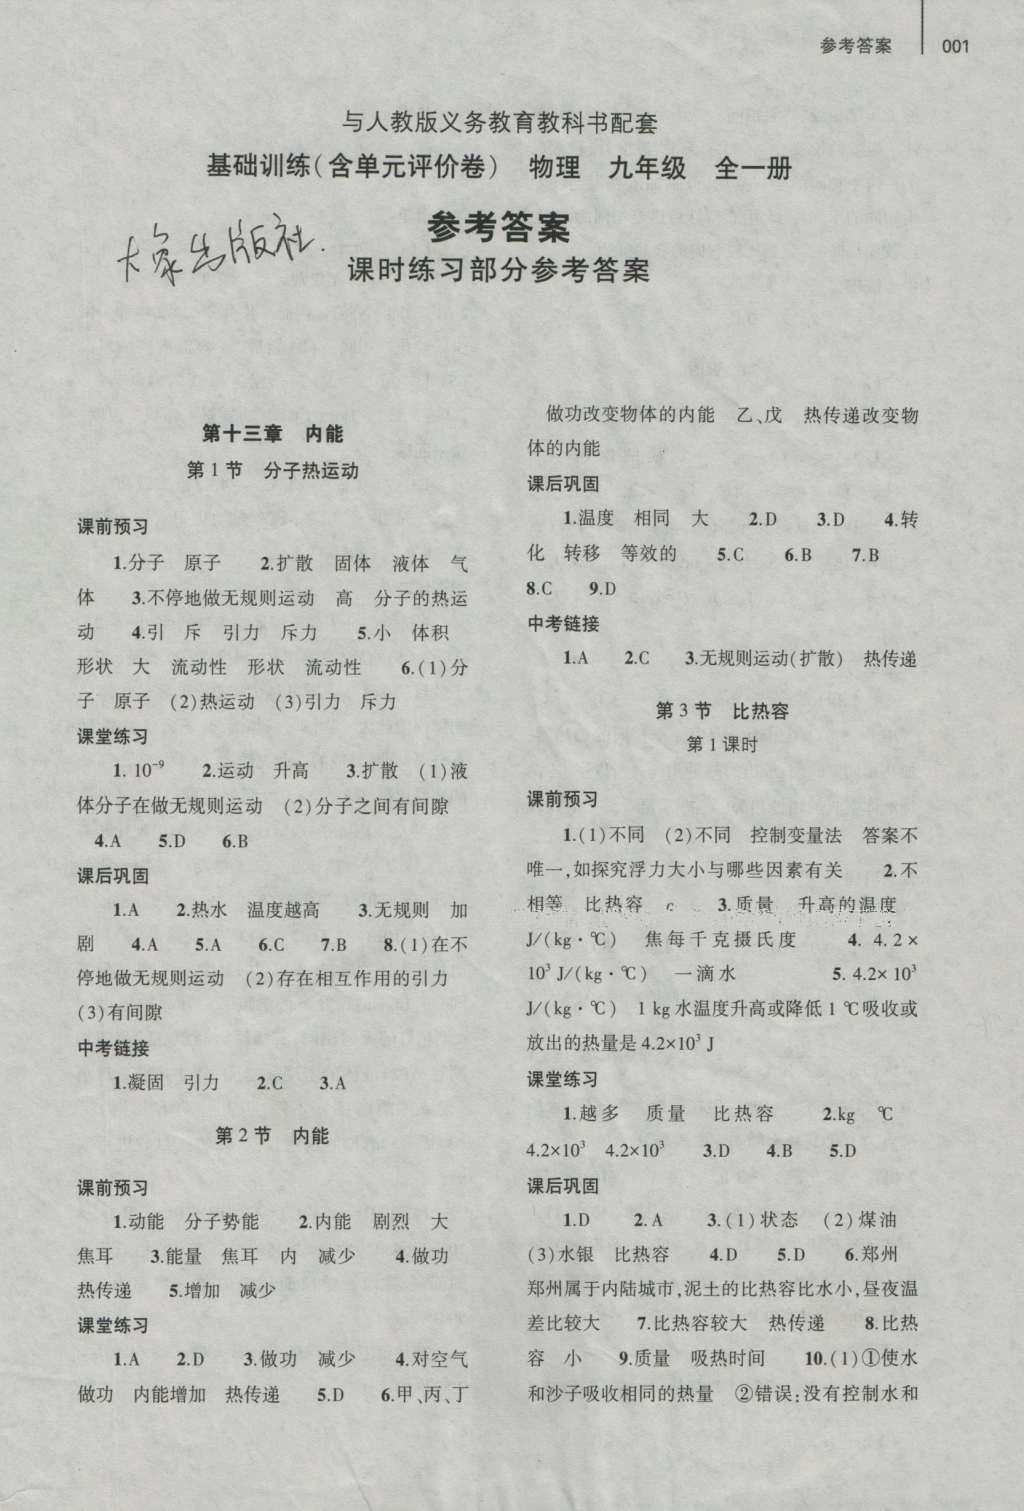 2016年基础训练九年级物理全一册人教版河南省内使用参考答案第1页